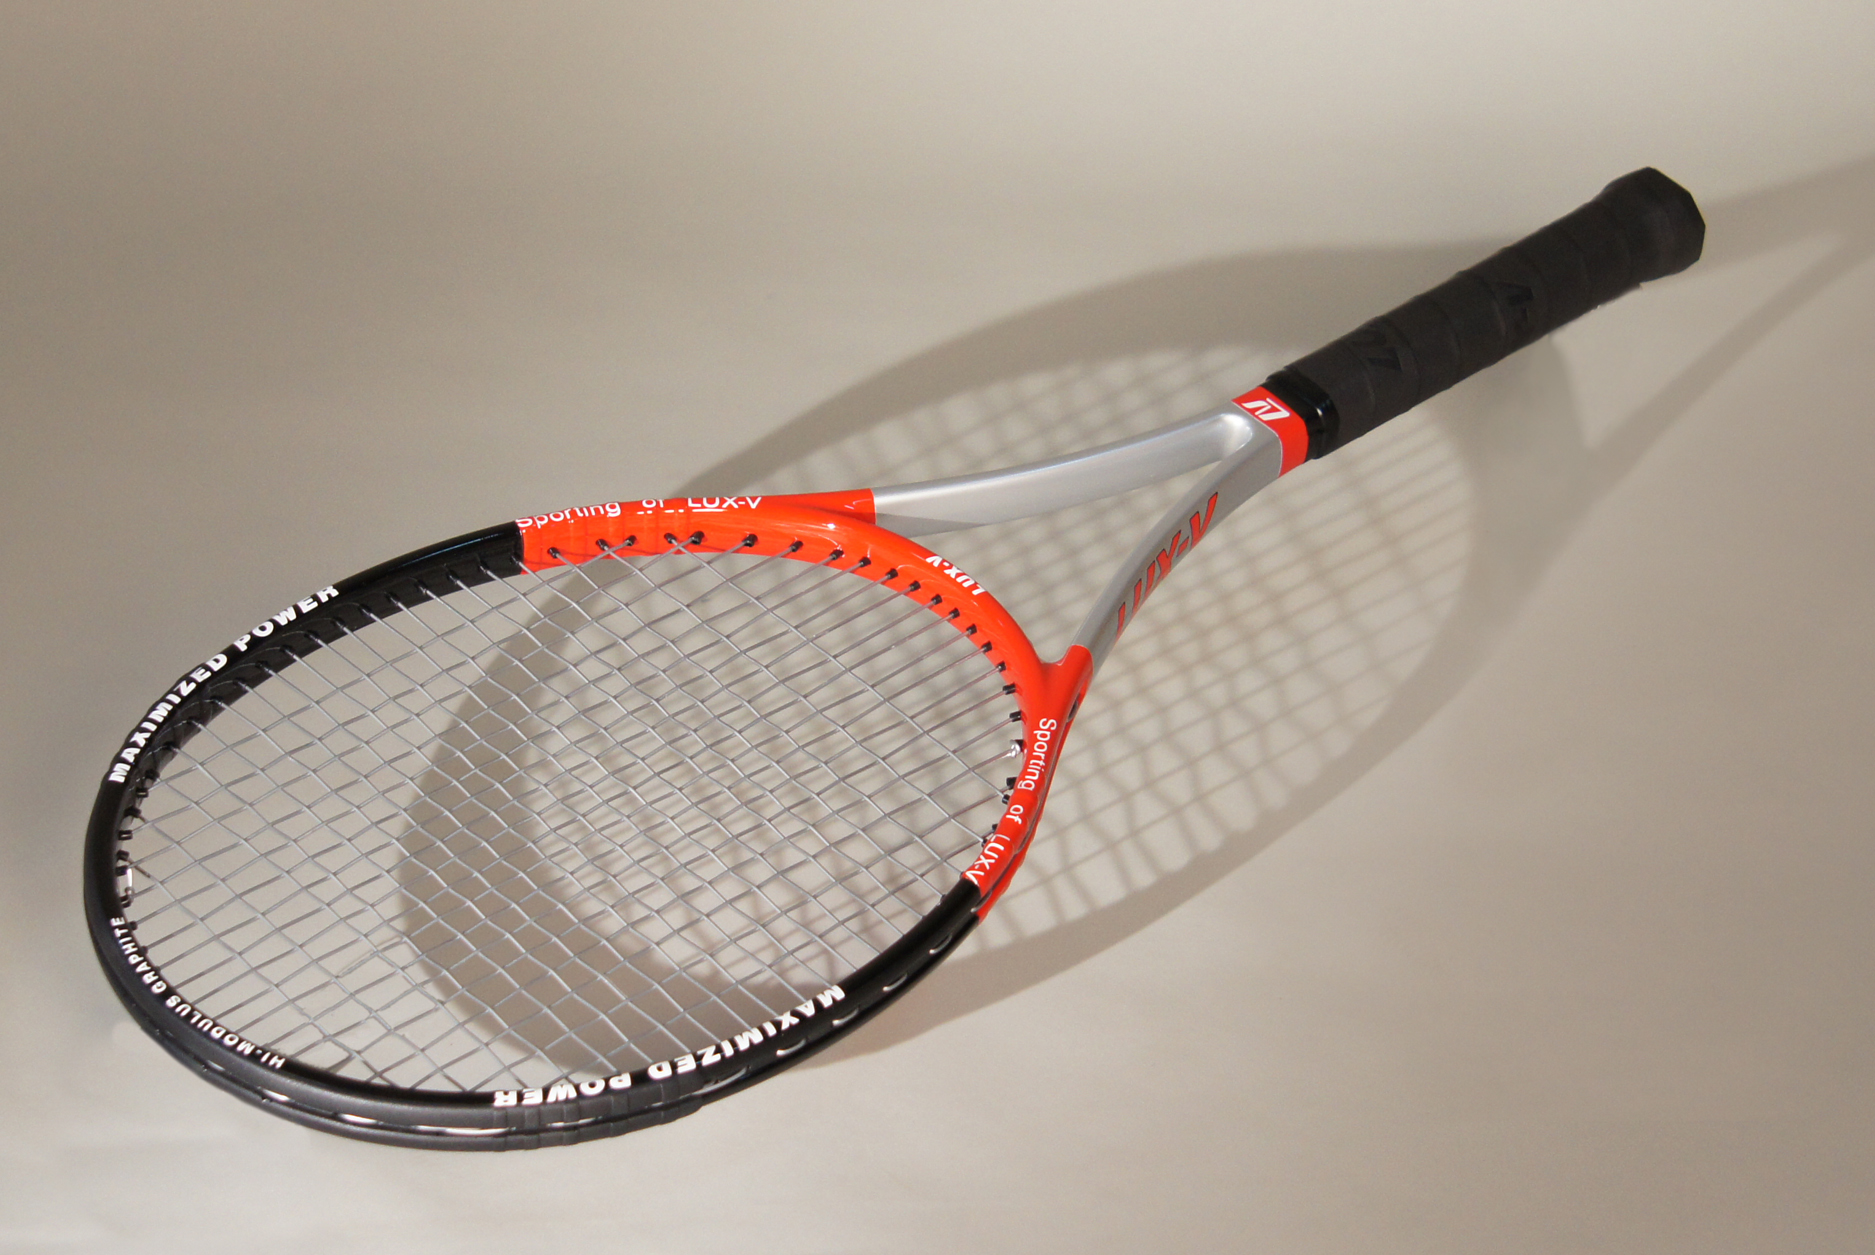 Ракетка для большого тенниса Lux-V Challenger